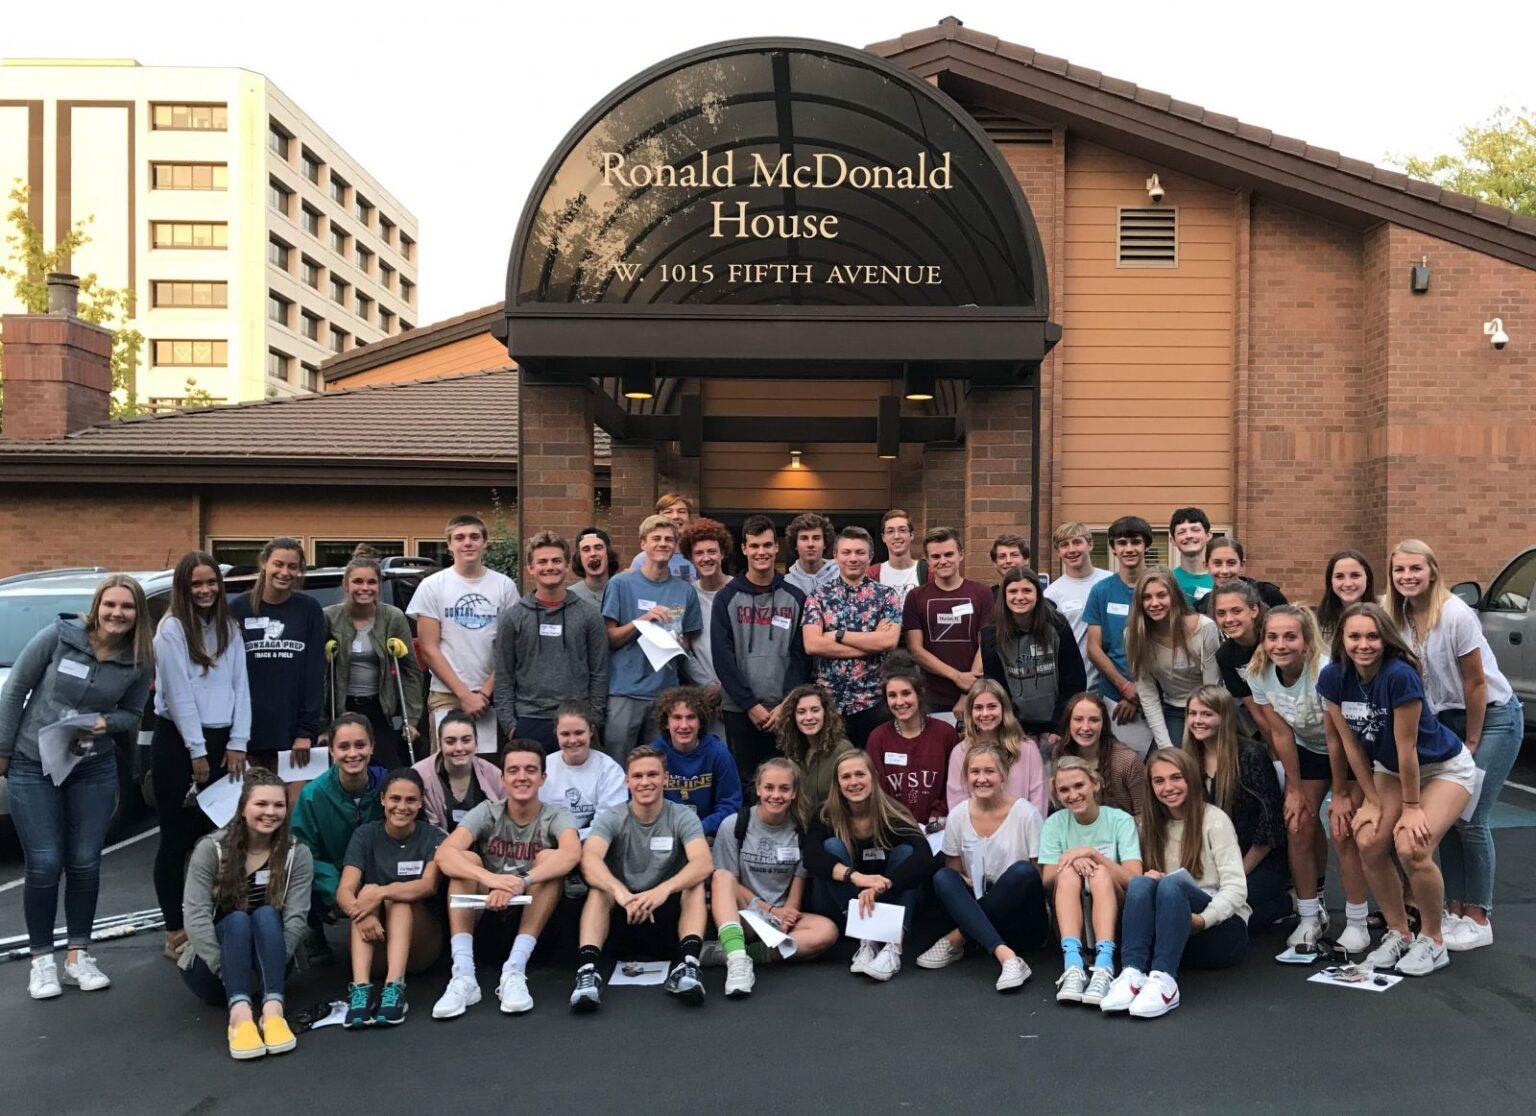 Ronald McDonald House Charities Teen Board